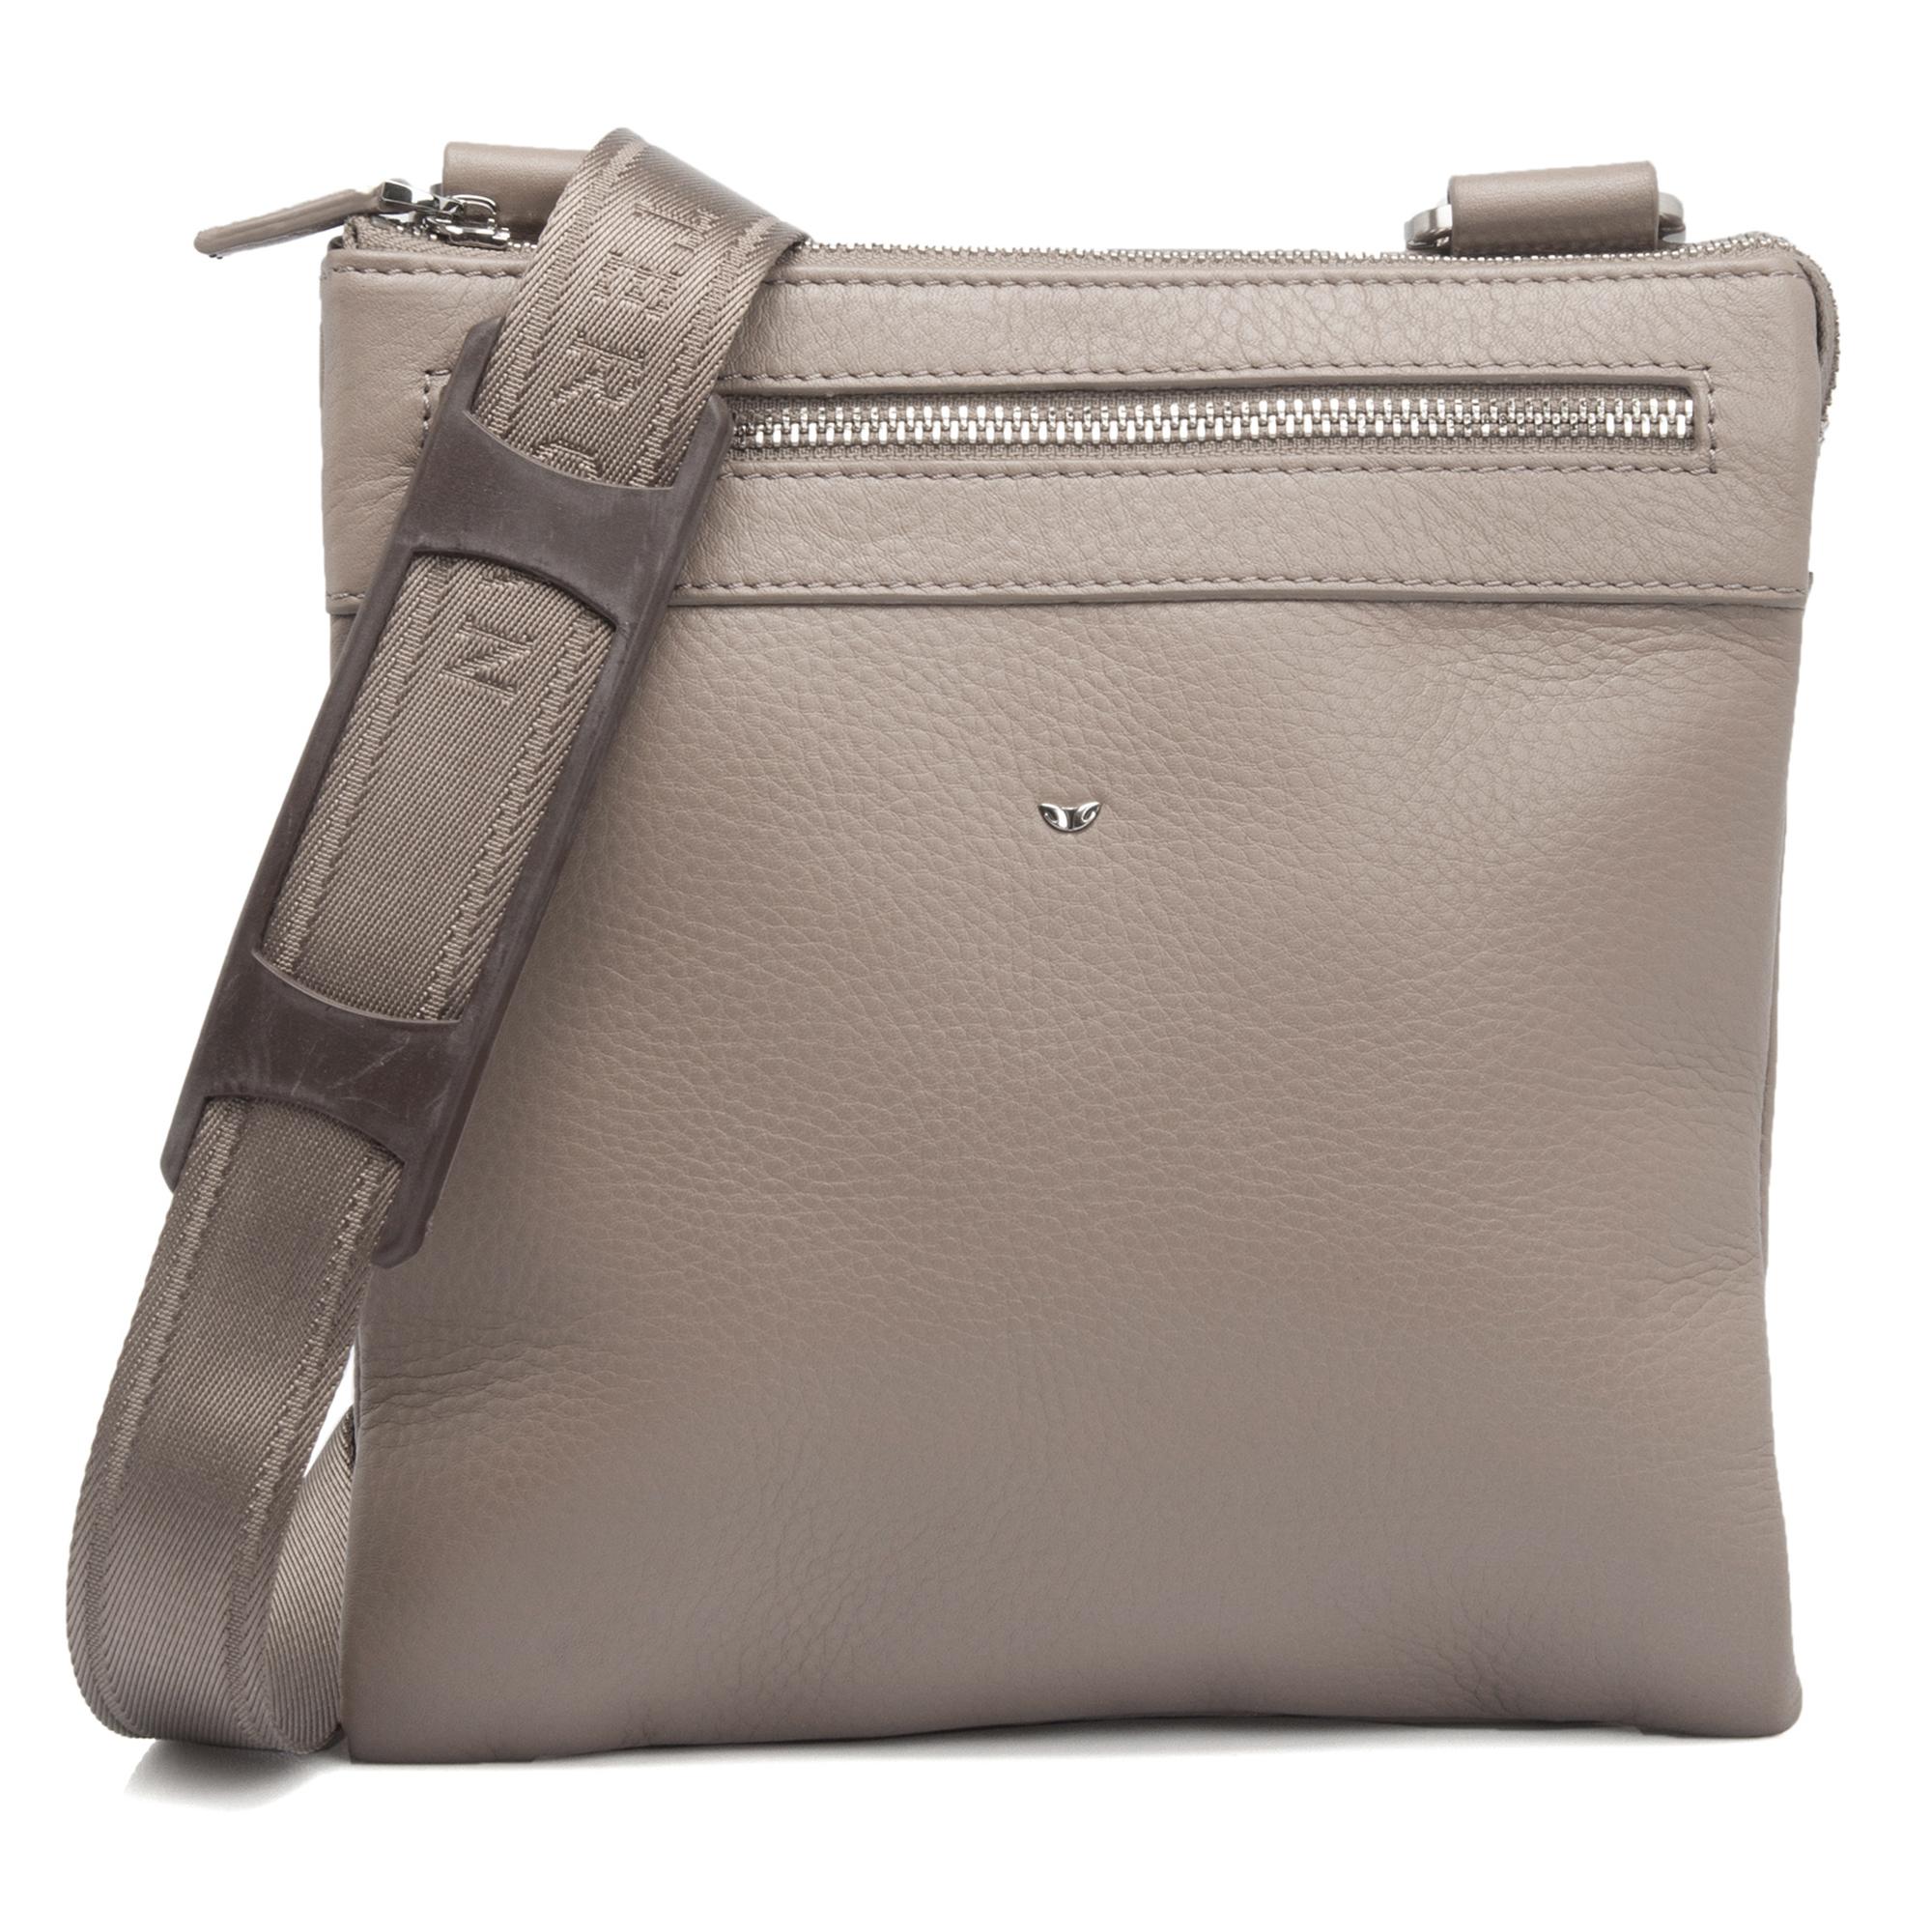 Men's Leather Strap Bag